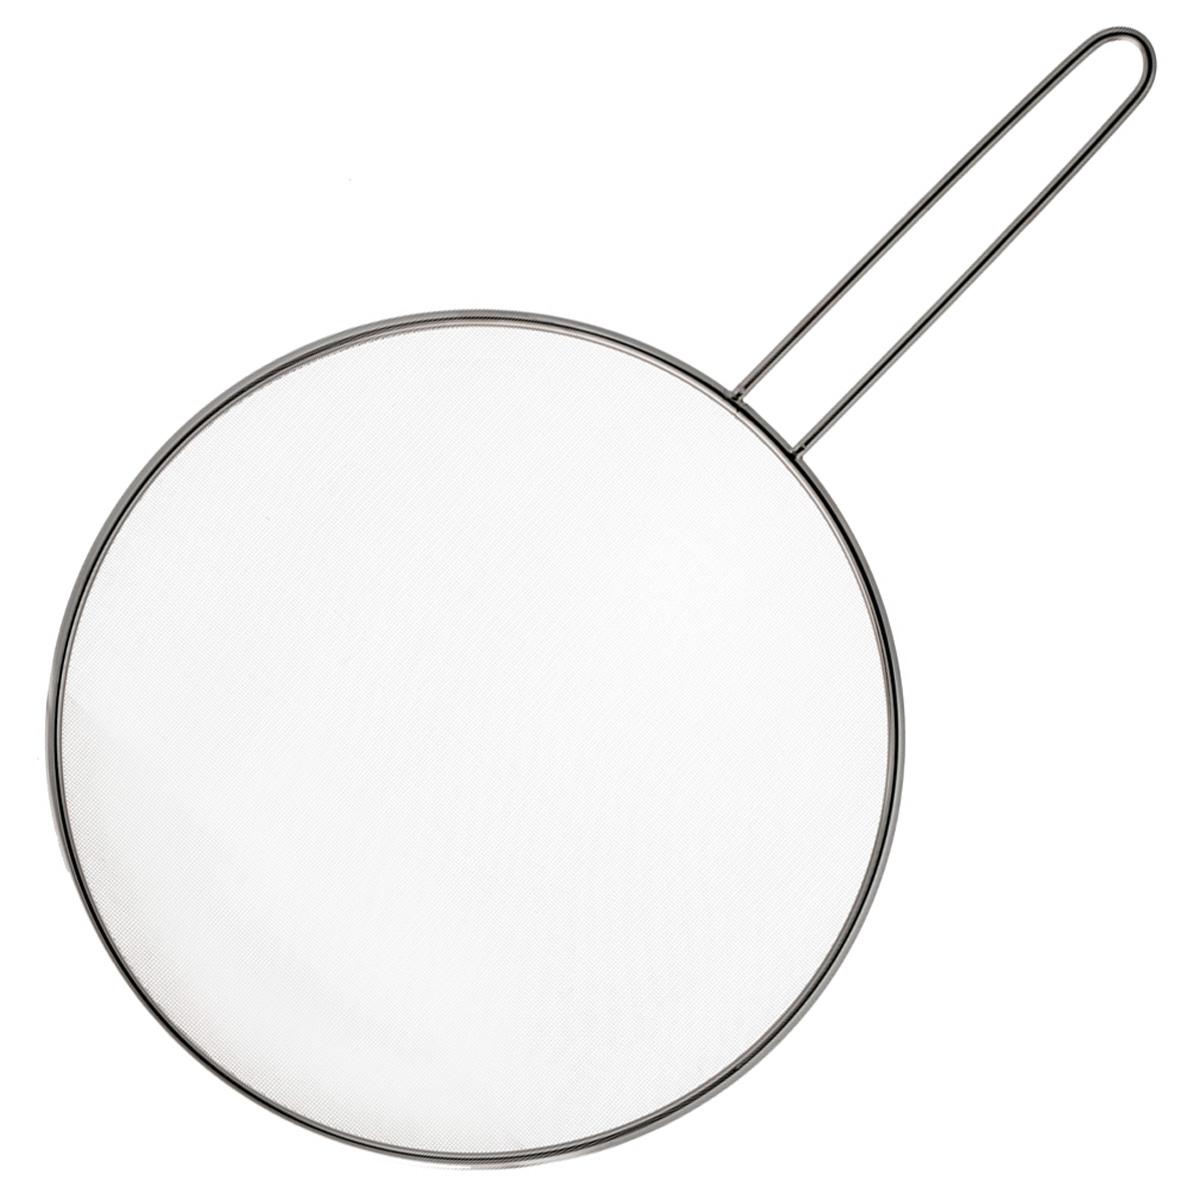 Сетка защитная Bekker, от брызг, диаметр 25 смBK-9200Сетка Bekker выполнена из нержавеющей стали. Достаточно положить сетку на сковороду и можно не беспокоиться о чистоте вашей плиты. Сетка Bekker станет незаменимым помощником на вашей кухне и понравится каждой хозяйке.